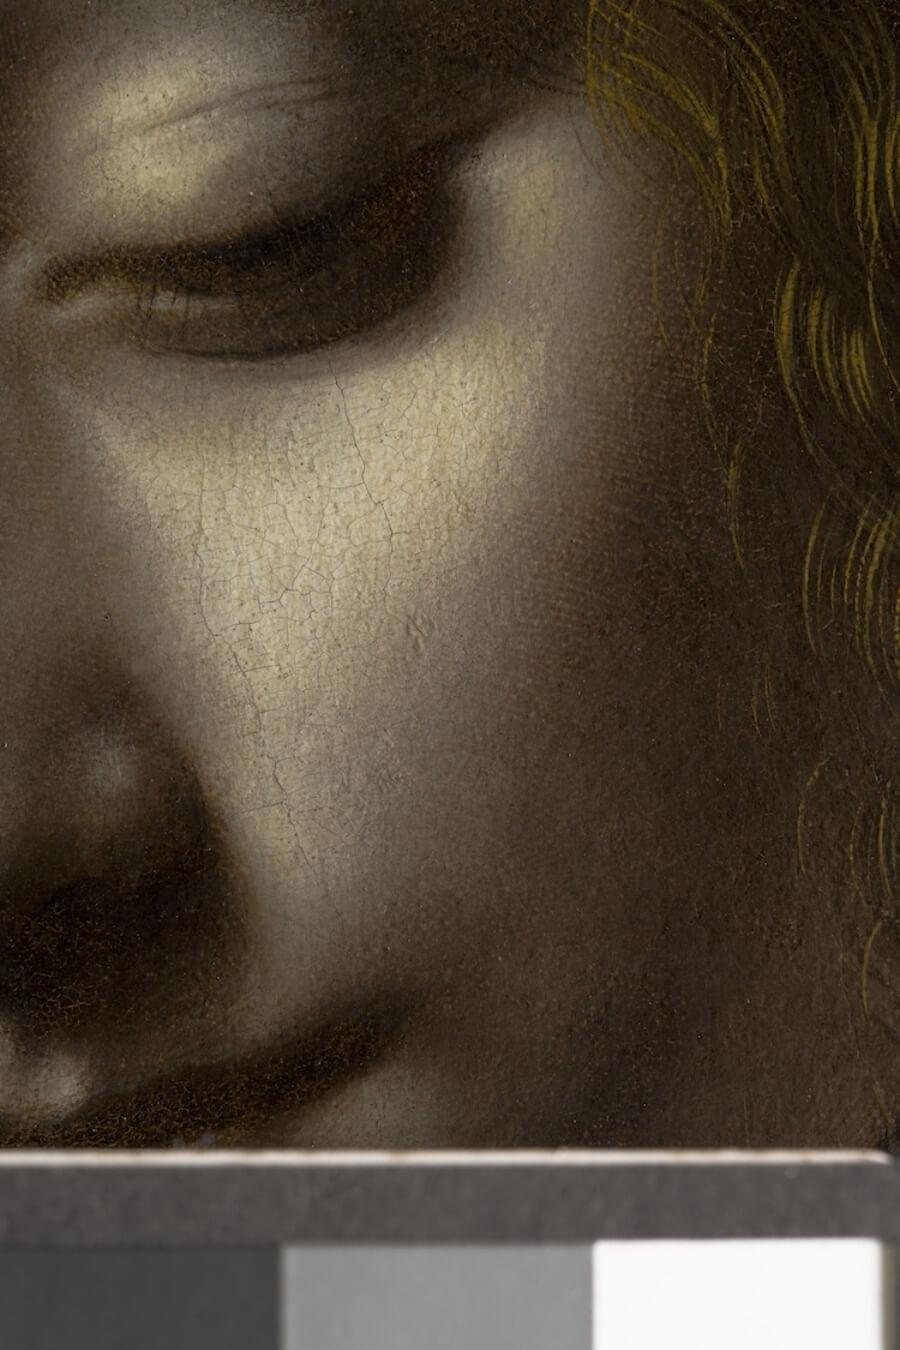 Huella dactilar en La Virgen de las Rocas de Da Vinci